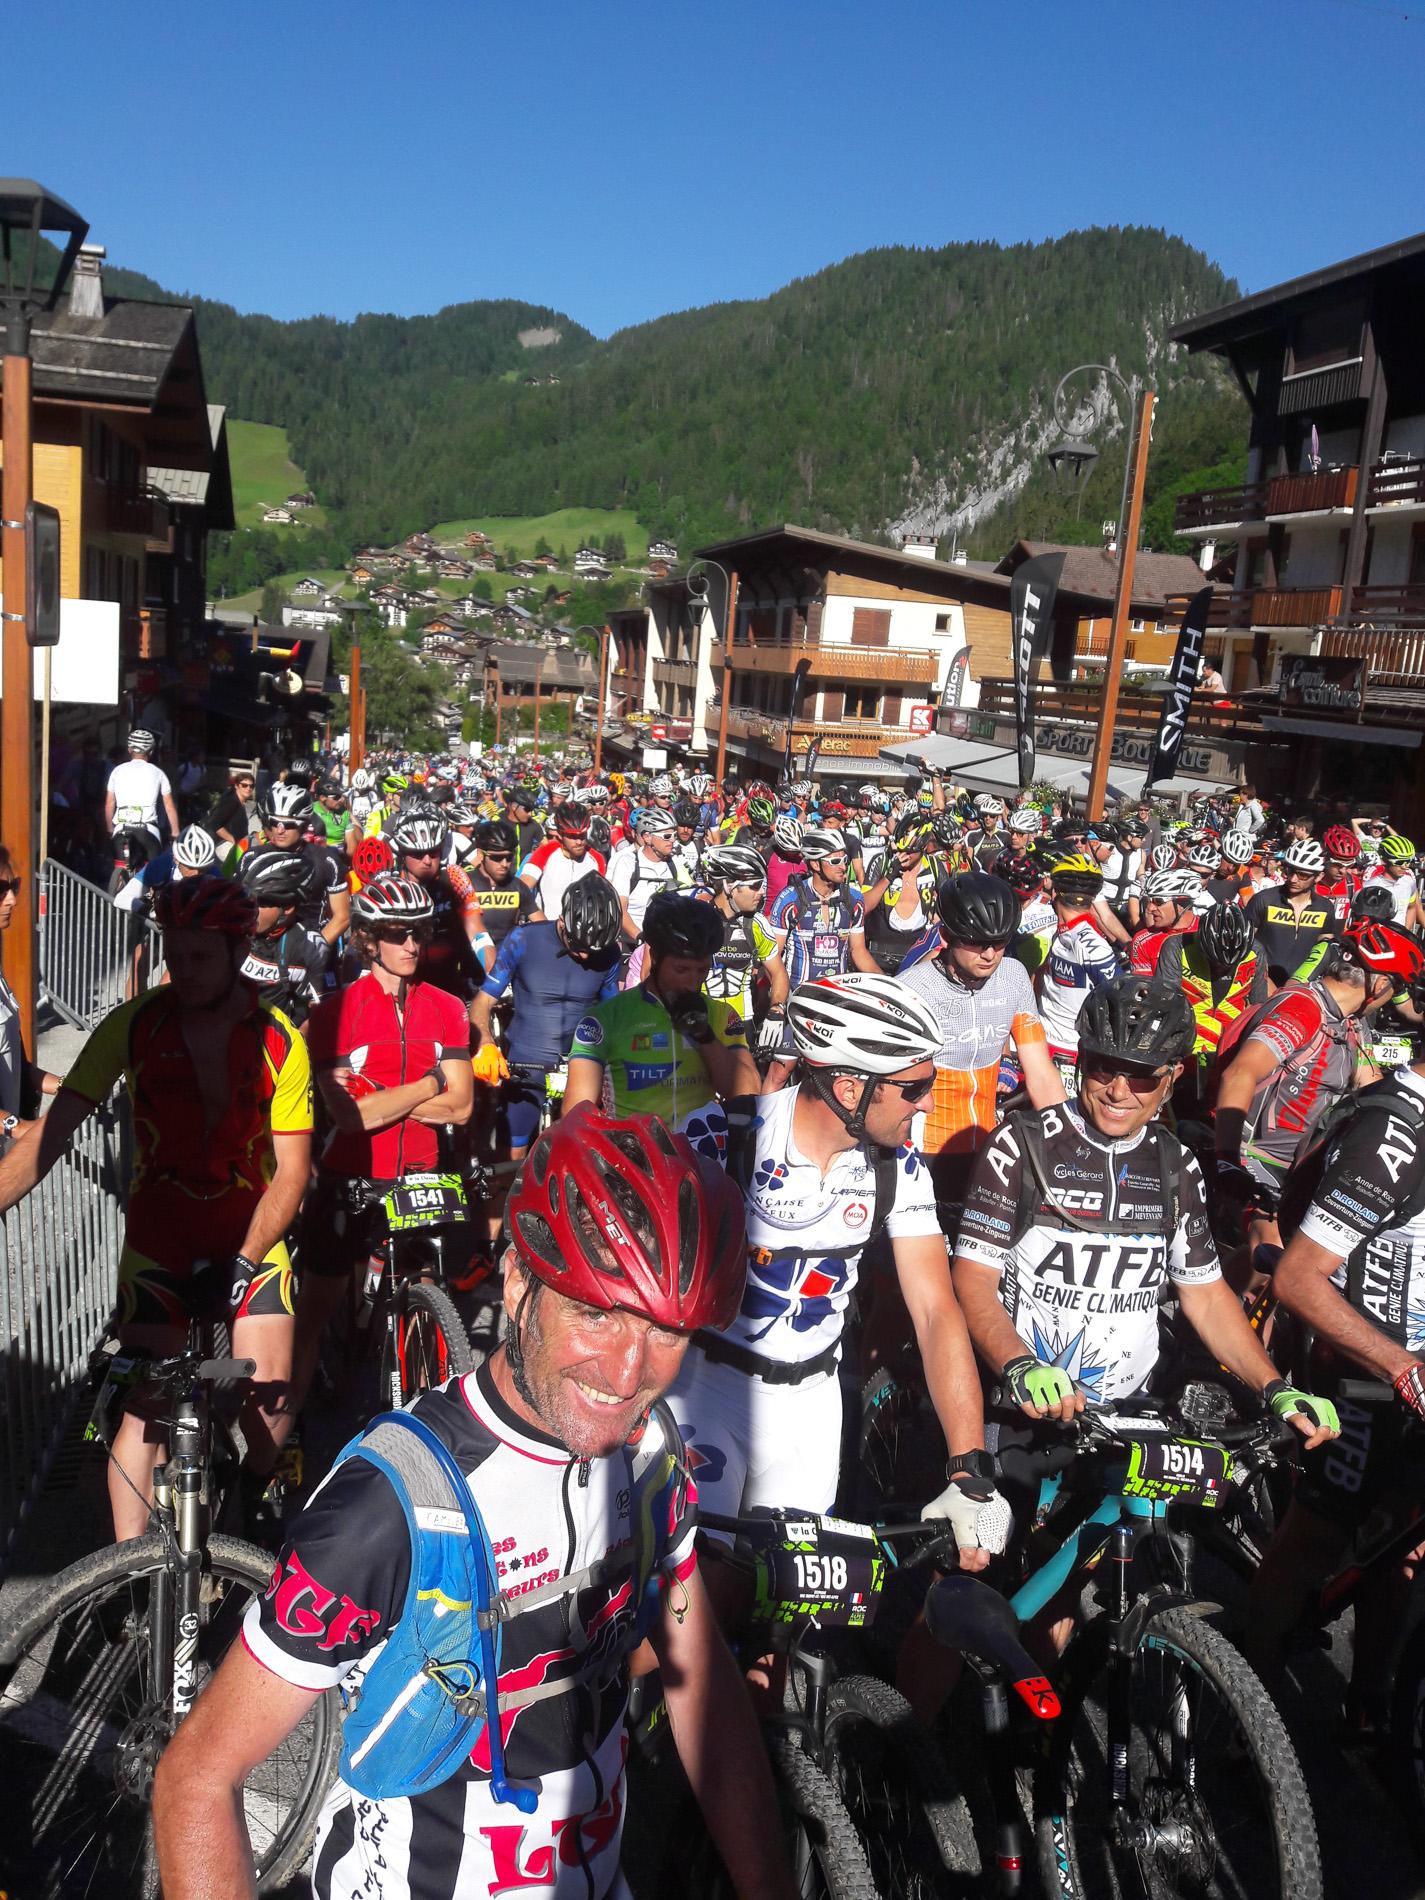 2017 06 08 roc des alpes 2017 36